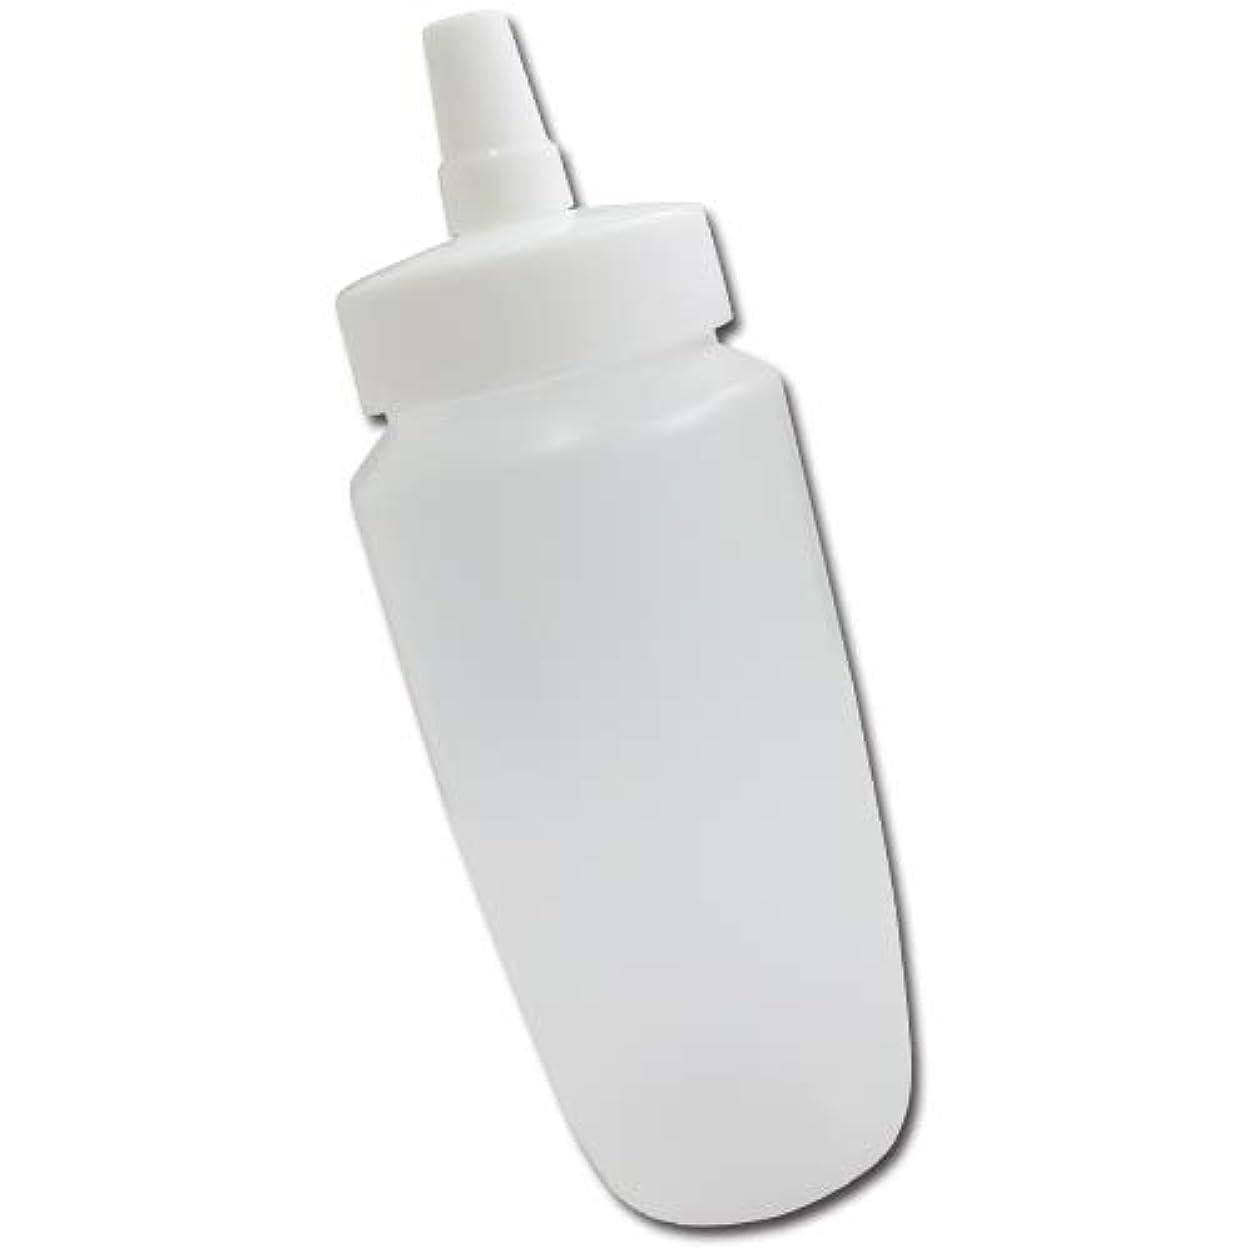 素晴らしいです衝突する一流はちみつ容器360ml(ホワイトキャップ)│業務用ローションや調味料の小分けに詰め替え用ハチミツ容器(蜂蜜容器)はちみつボトル